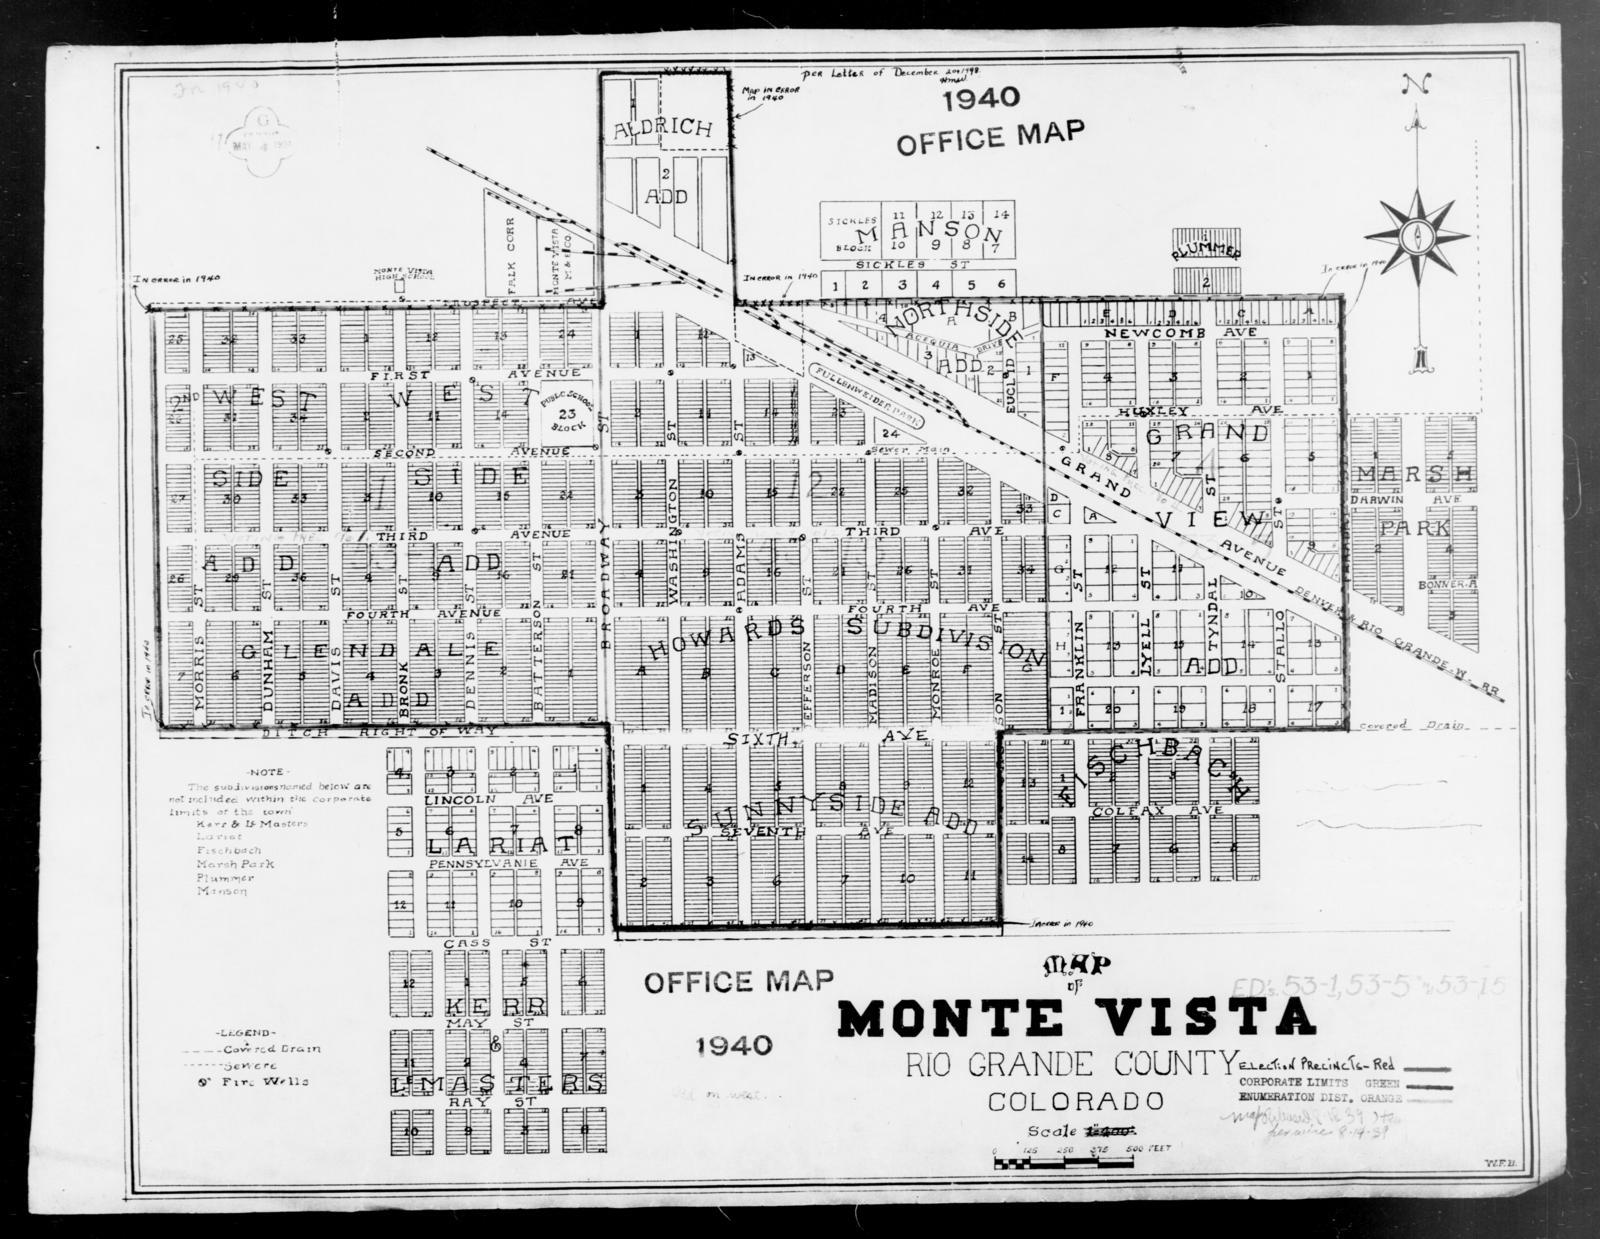 1940 Census Enumeration District Maps Colorado Rio Grande County